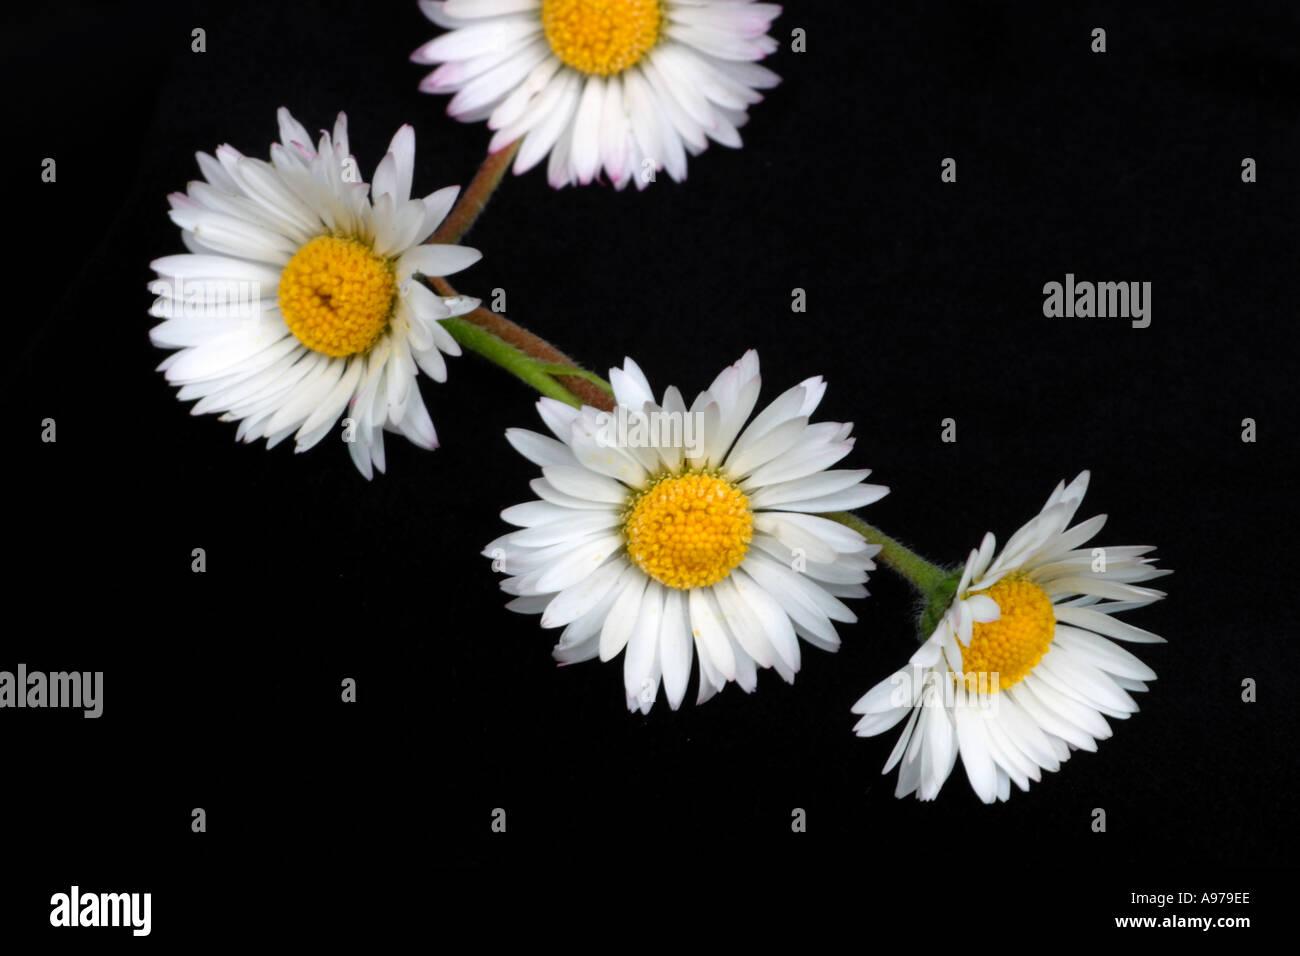 Daisy fiori in una singola catena a margherita, a trasformare in un bracciale, collana o corona floreale Immagini Stock